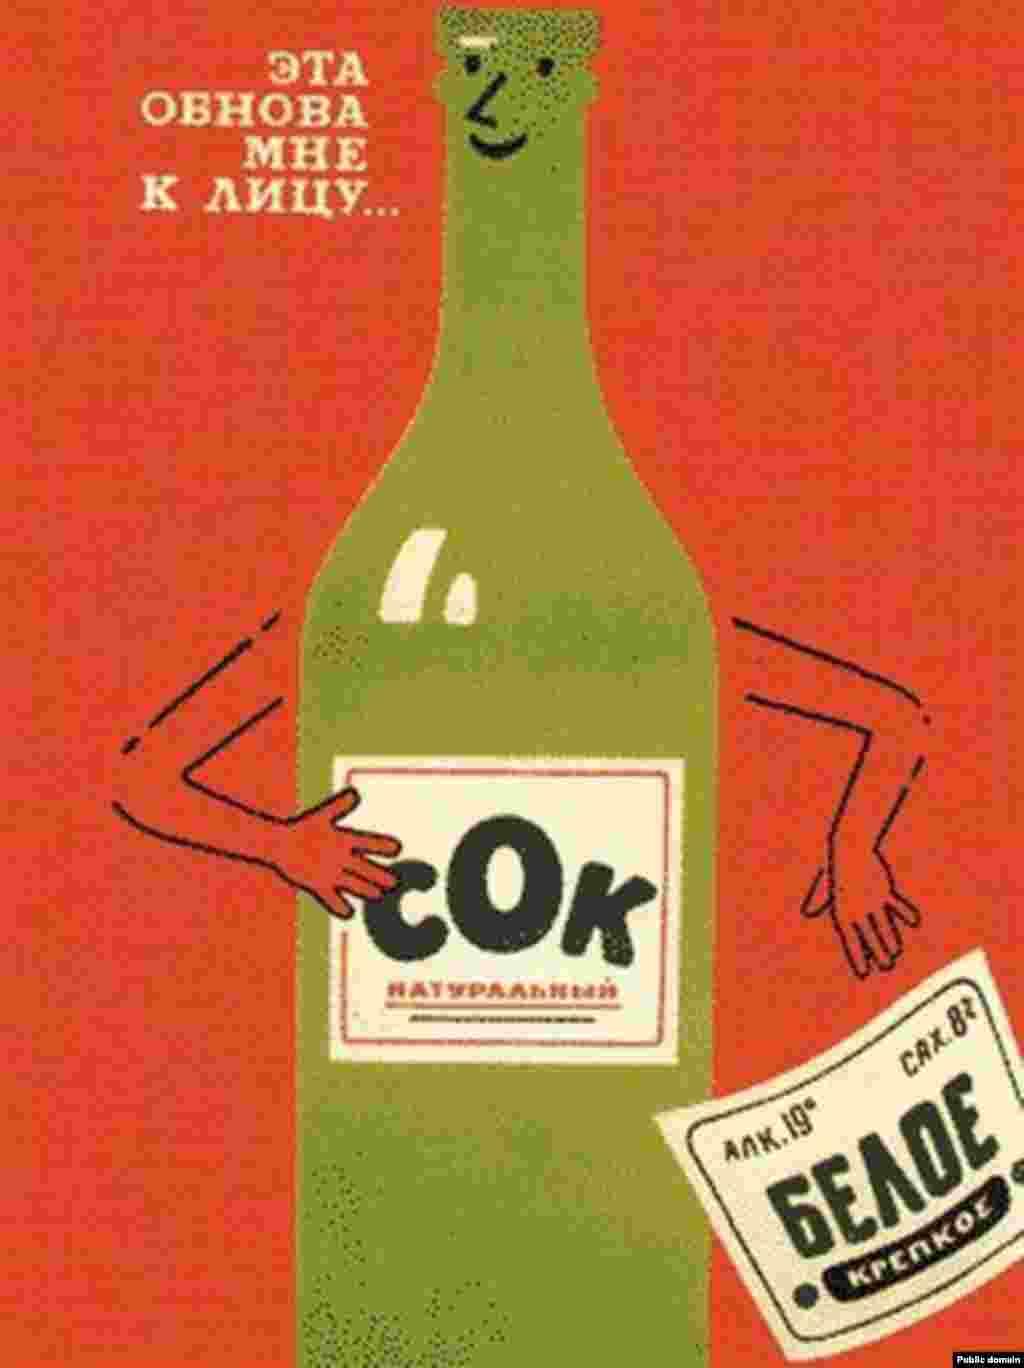 """Тази бутилка сменя етикета си от високоалкохолно бяло вино на """"натурален сок"""". Надписът казва: """"Новият външен вид ми отива""""."""